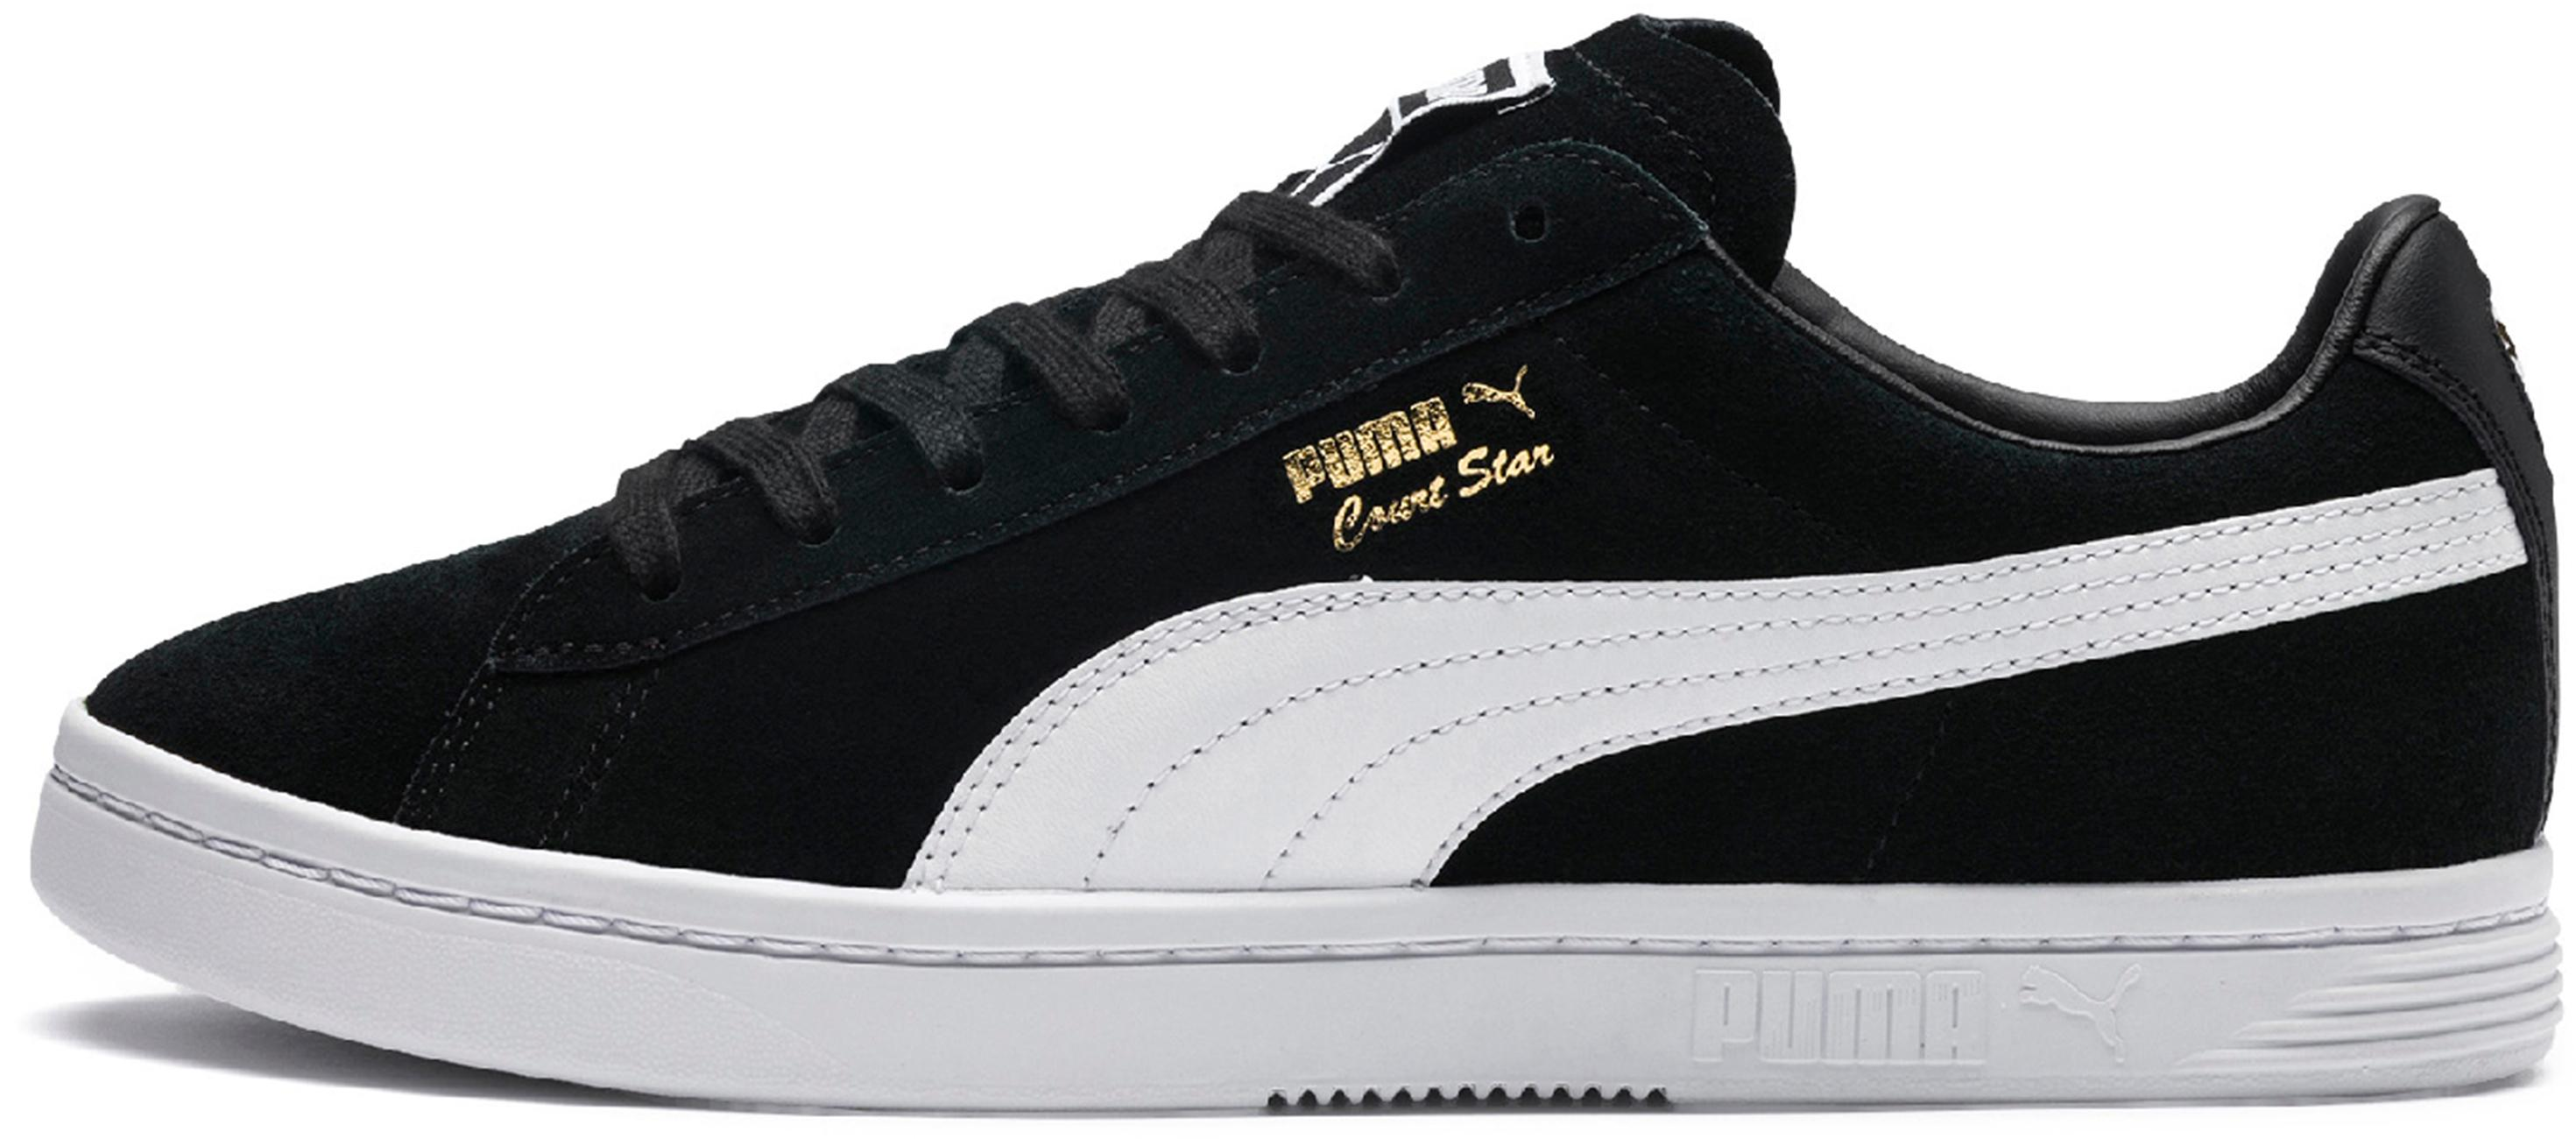 PUMA Court Star FS Turnschuhe Herren puma schwarz-puma schwarz-puma schwarz-puma Weiß im Online Shop von SportScheck kaufen Gute Qualität beliebte Schuhe 34b7d3